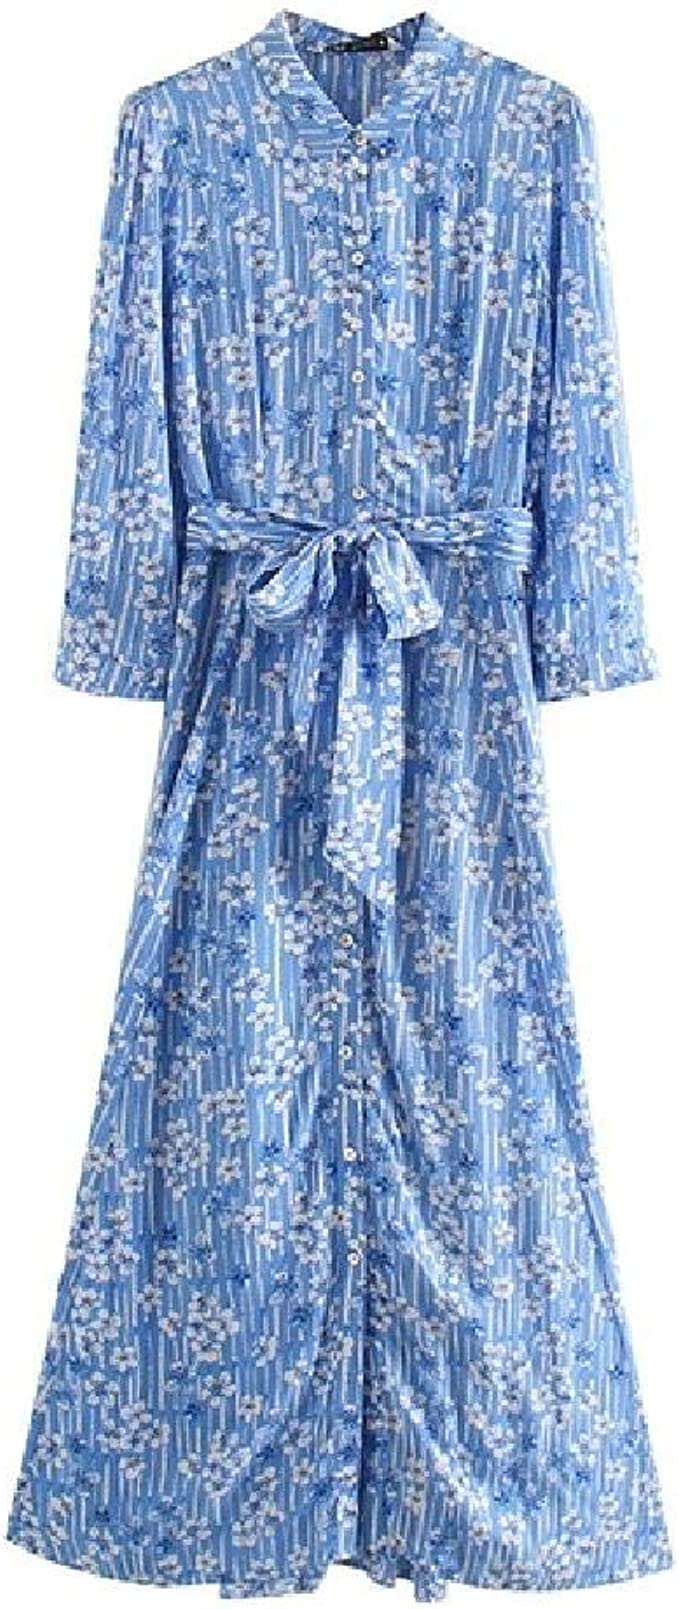 nobrand Mode Frauen blau Blumen drucken Kleid mit Schrägstrich